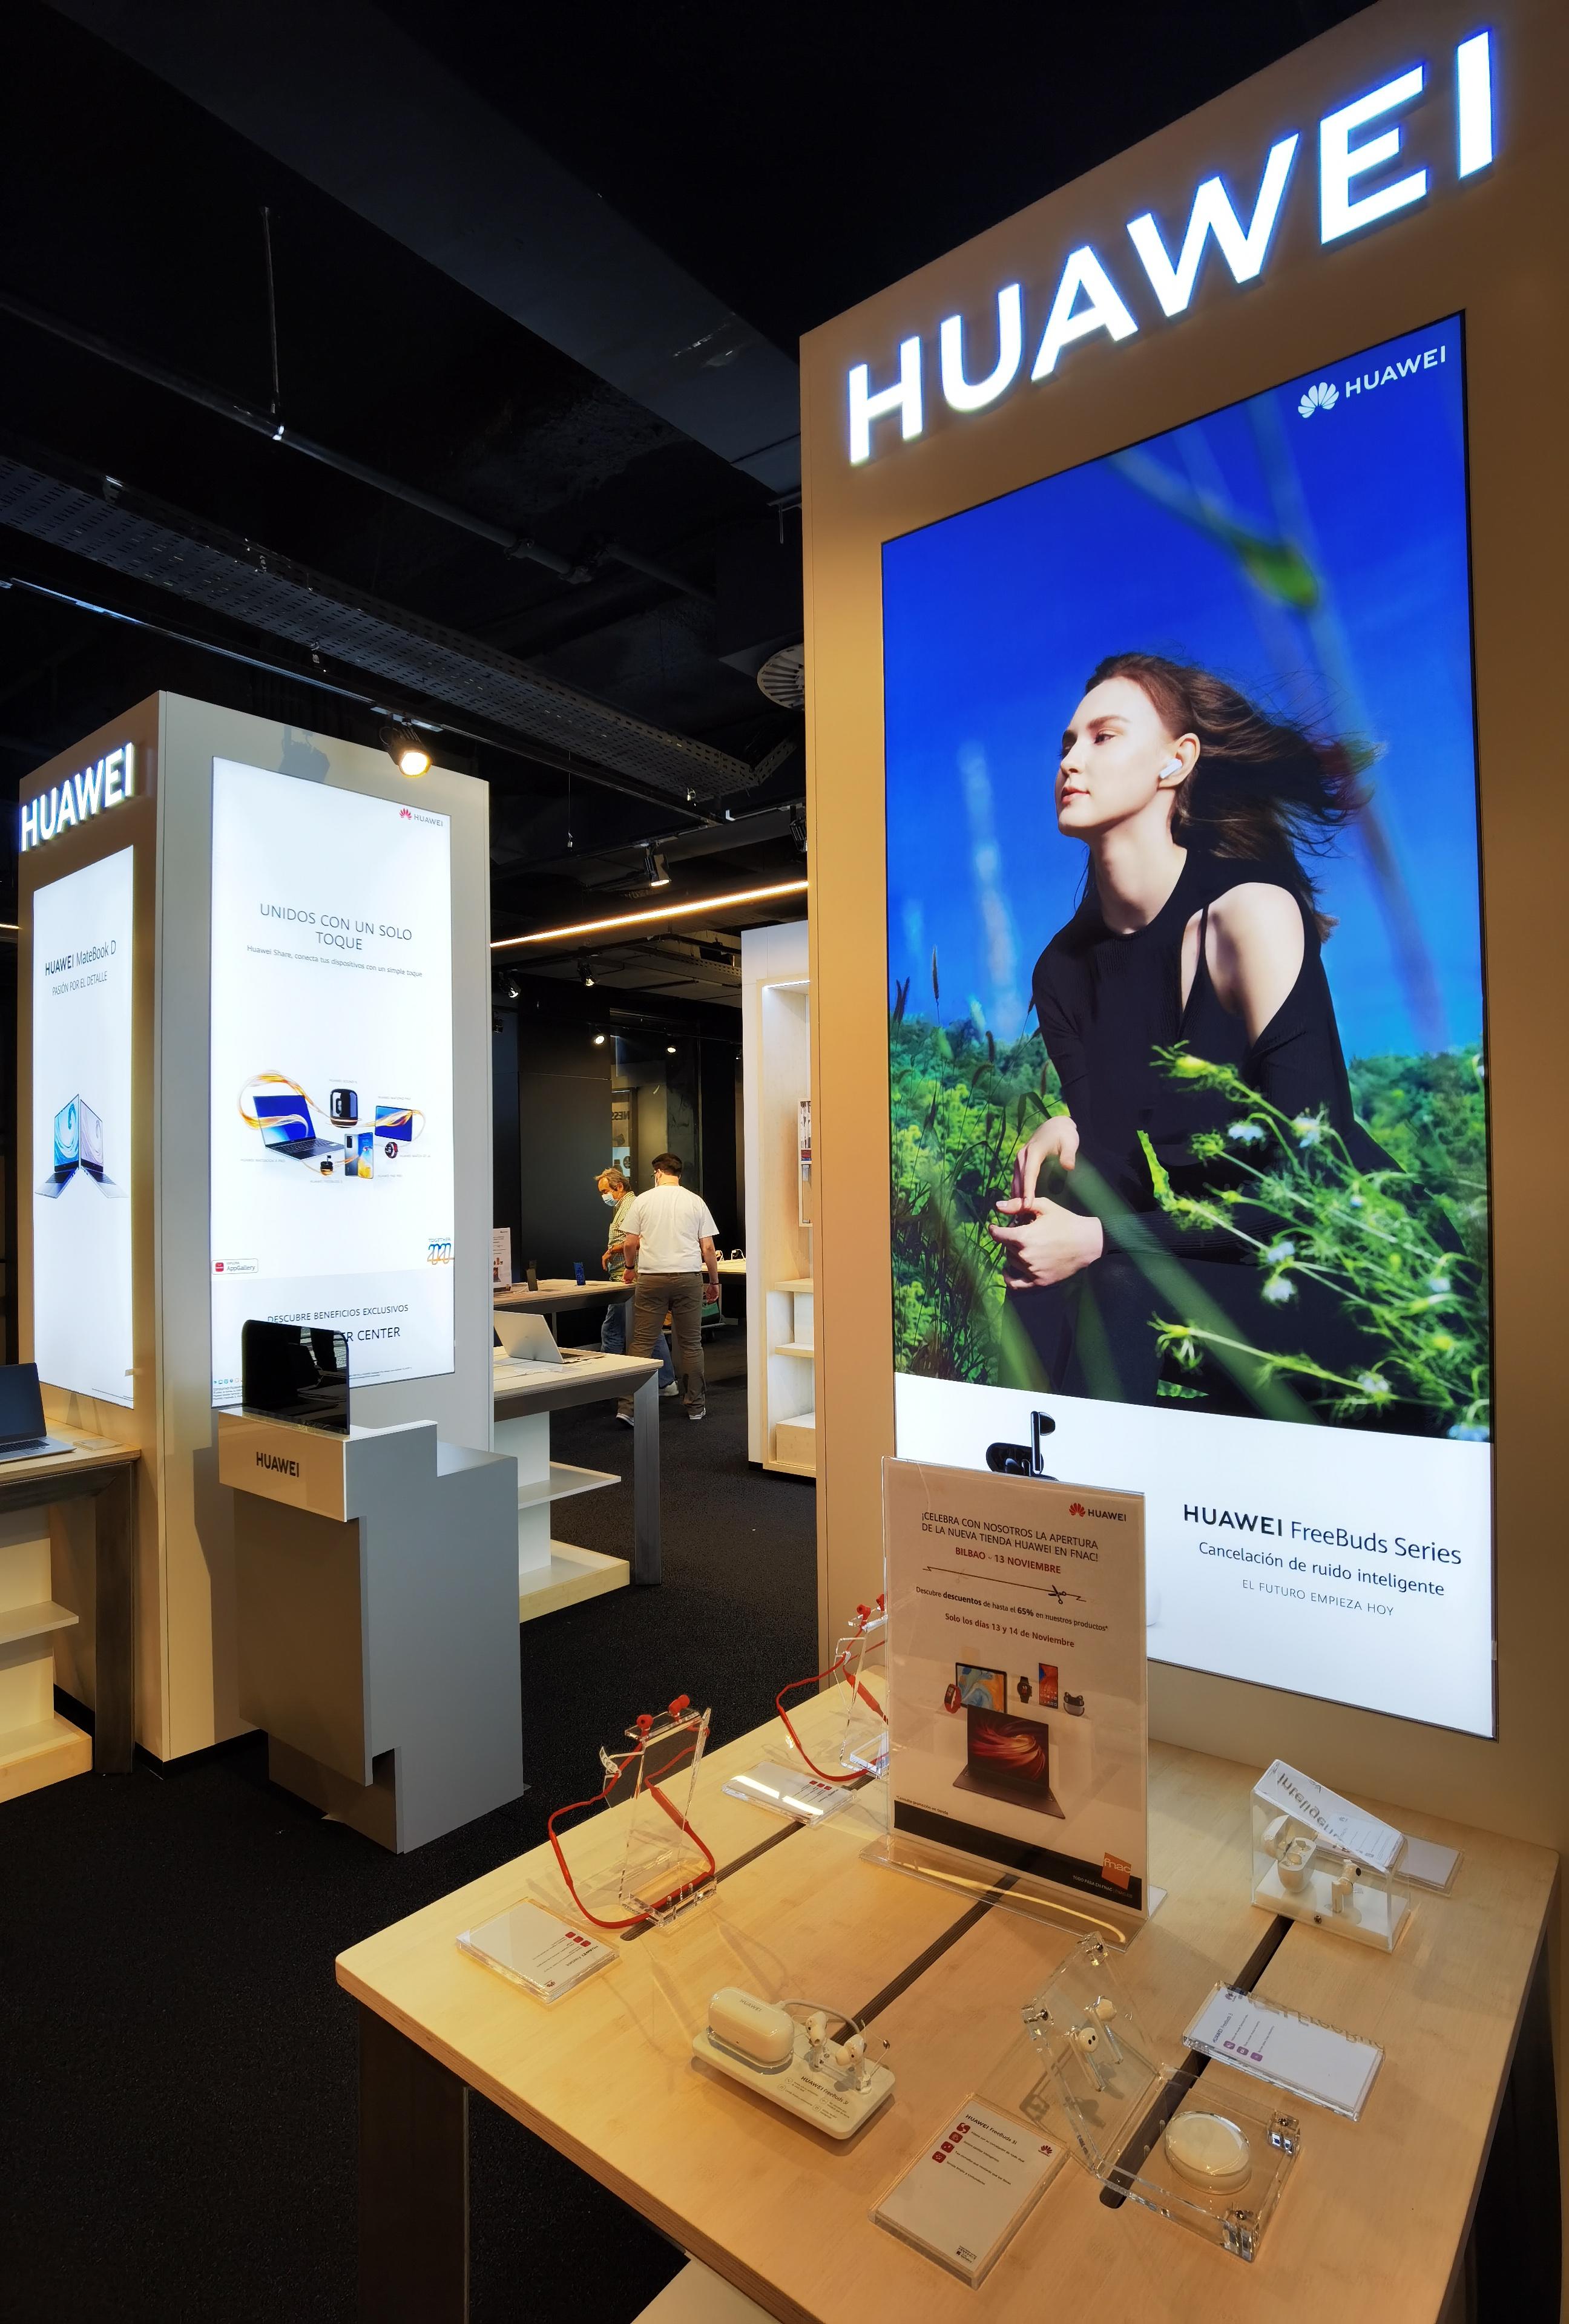 Huawei abre una 'Huawei Store' en Barcelona y Bilbao y prepara su entrada en A Coruña